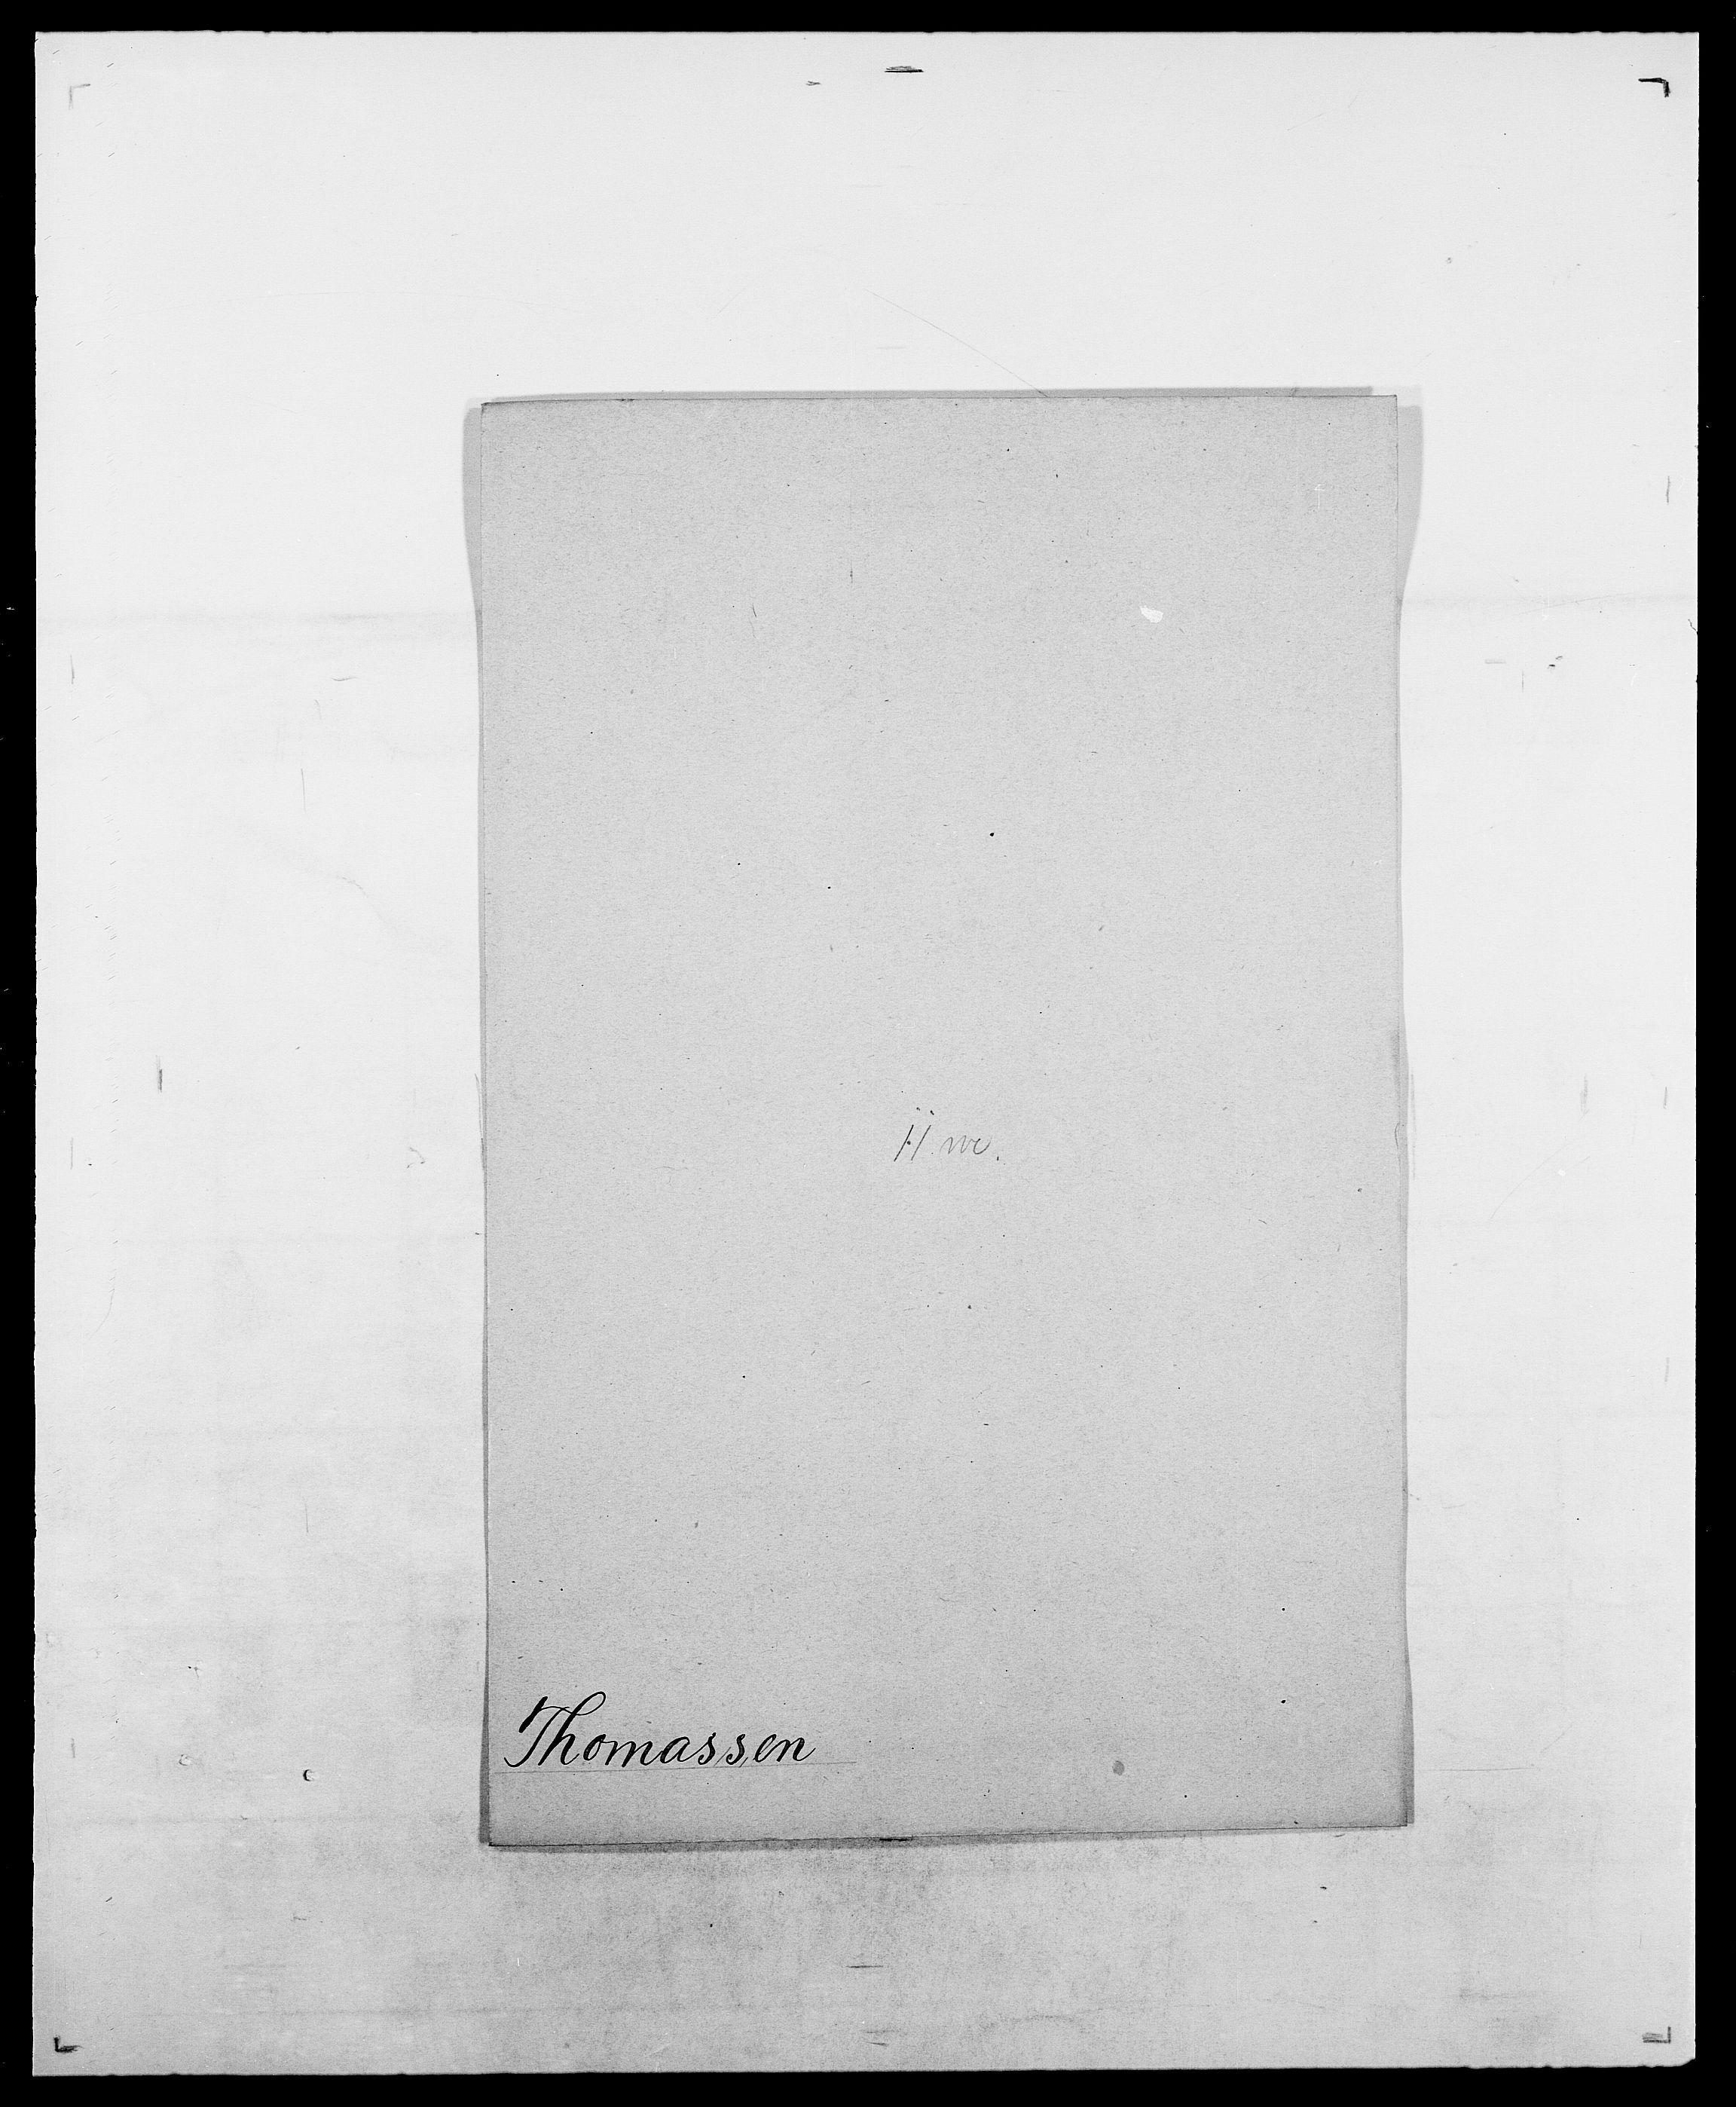 SAO, Delgobe, Charles Antoine - samling, D/Da/L0038: Svanenskjold - Thornsohn, s. 771